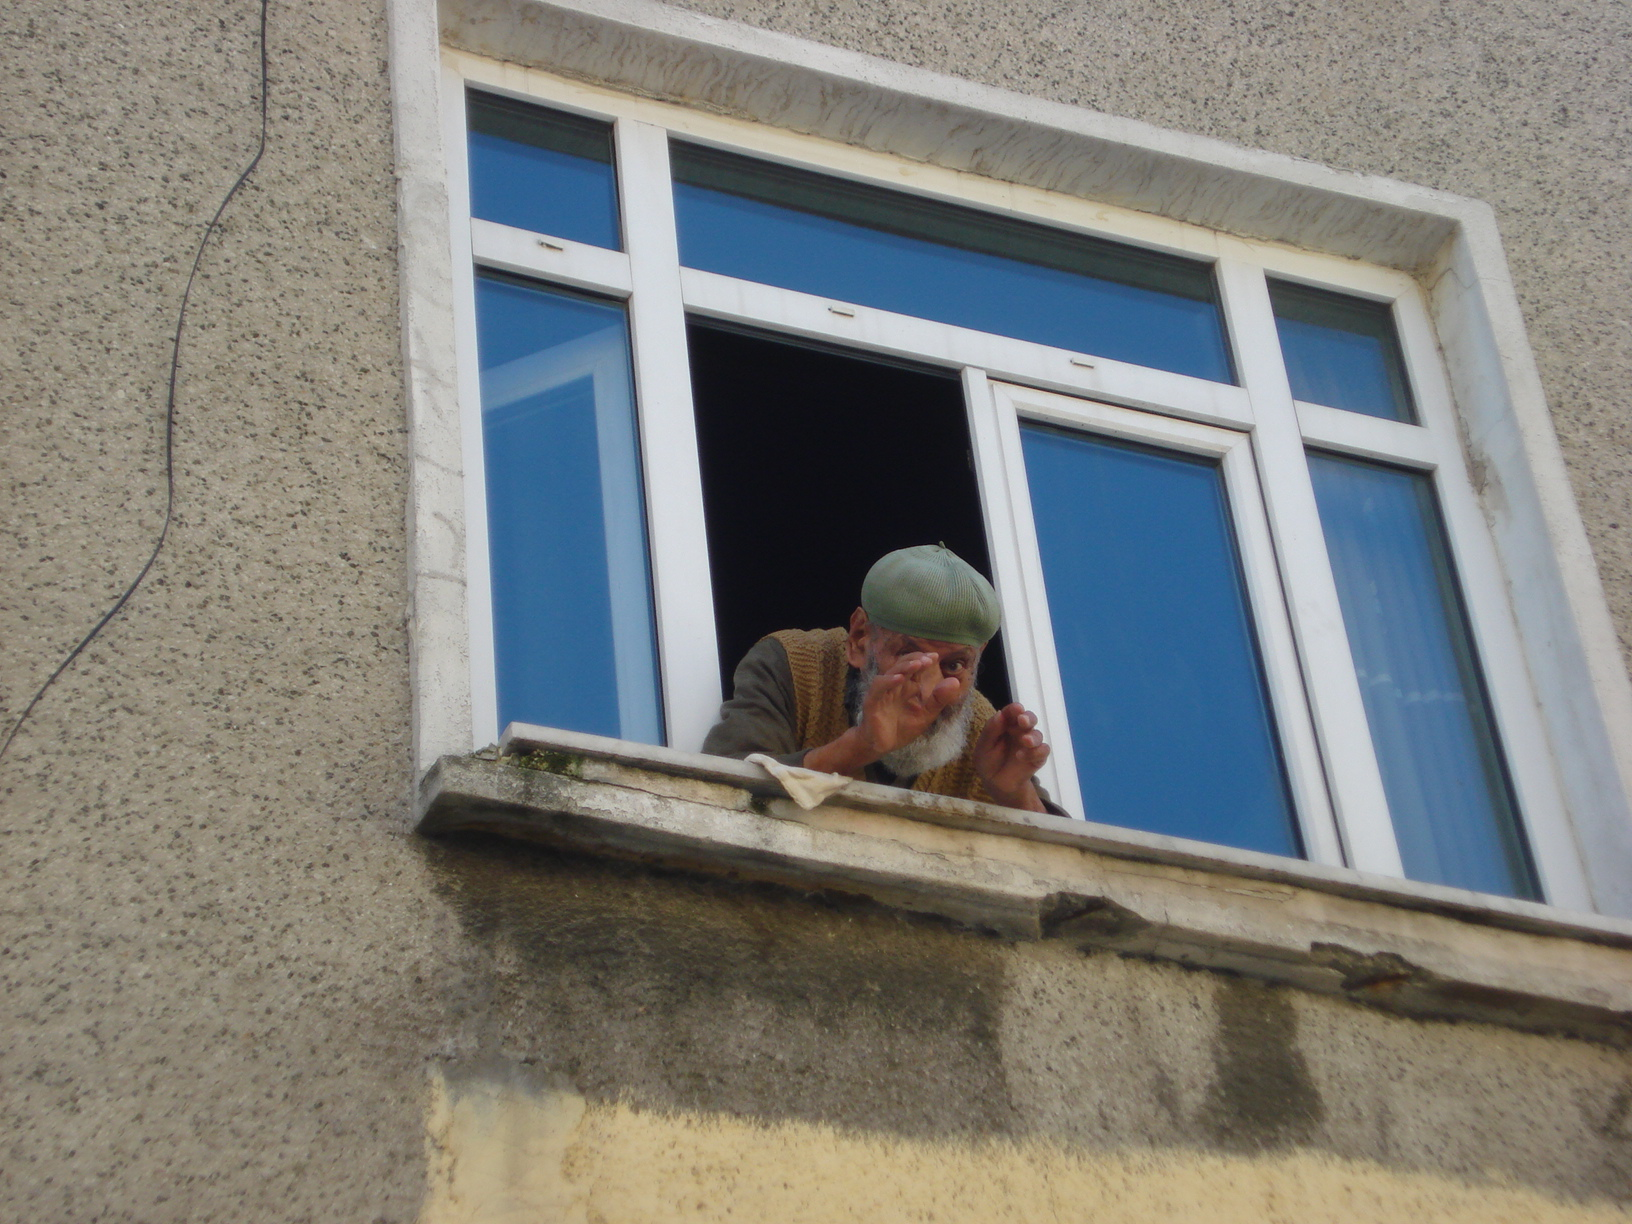 Pencereden uzanan bir çift el...